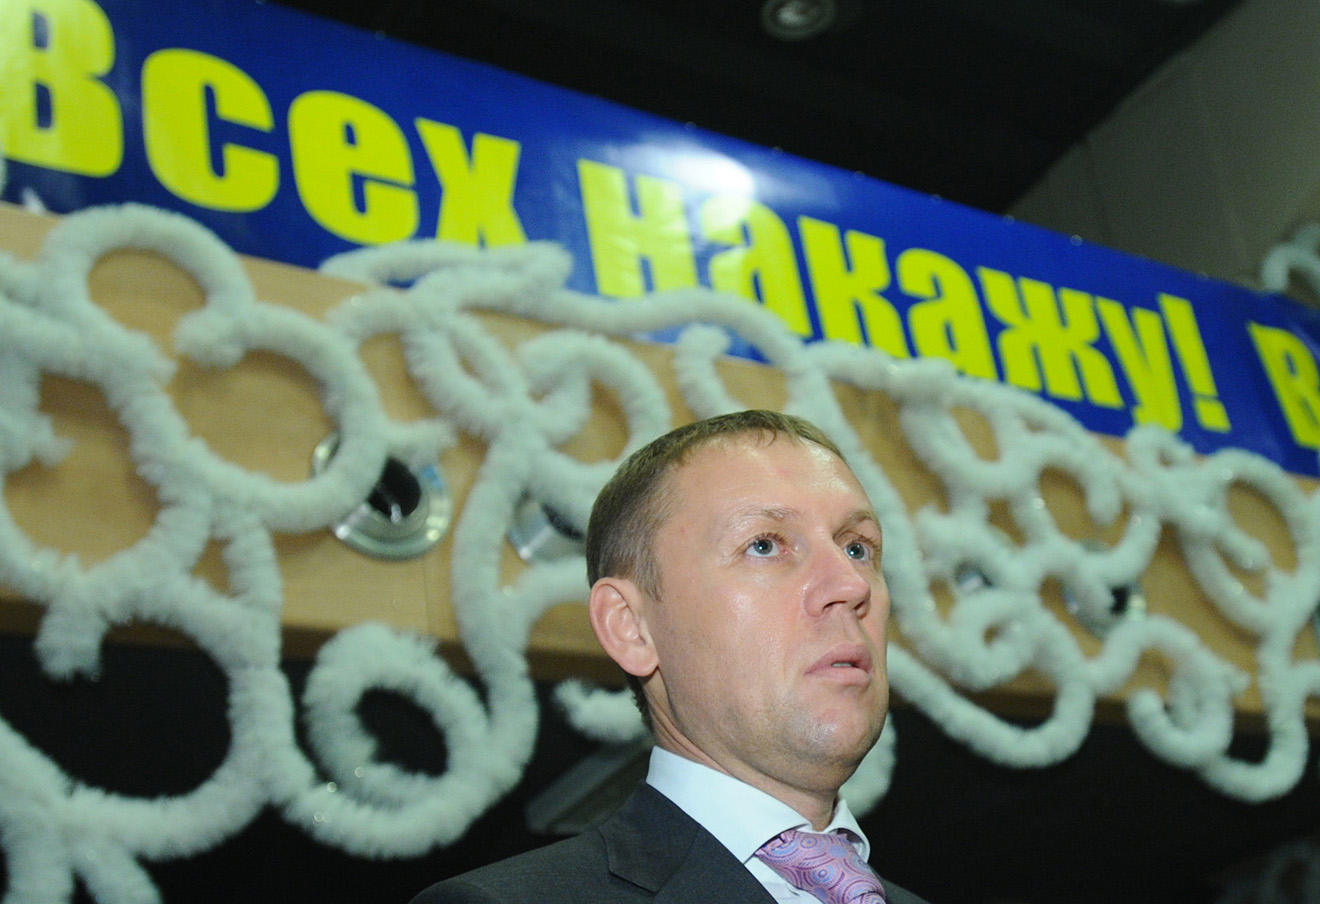 Андрей Луговой, 2011 год. Фото: Станислав Красильников / ТАСС